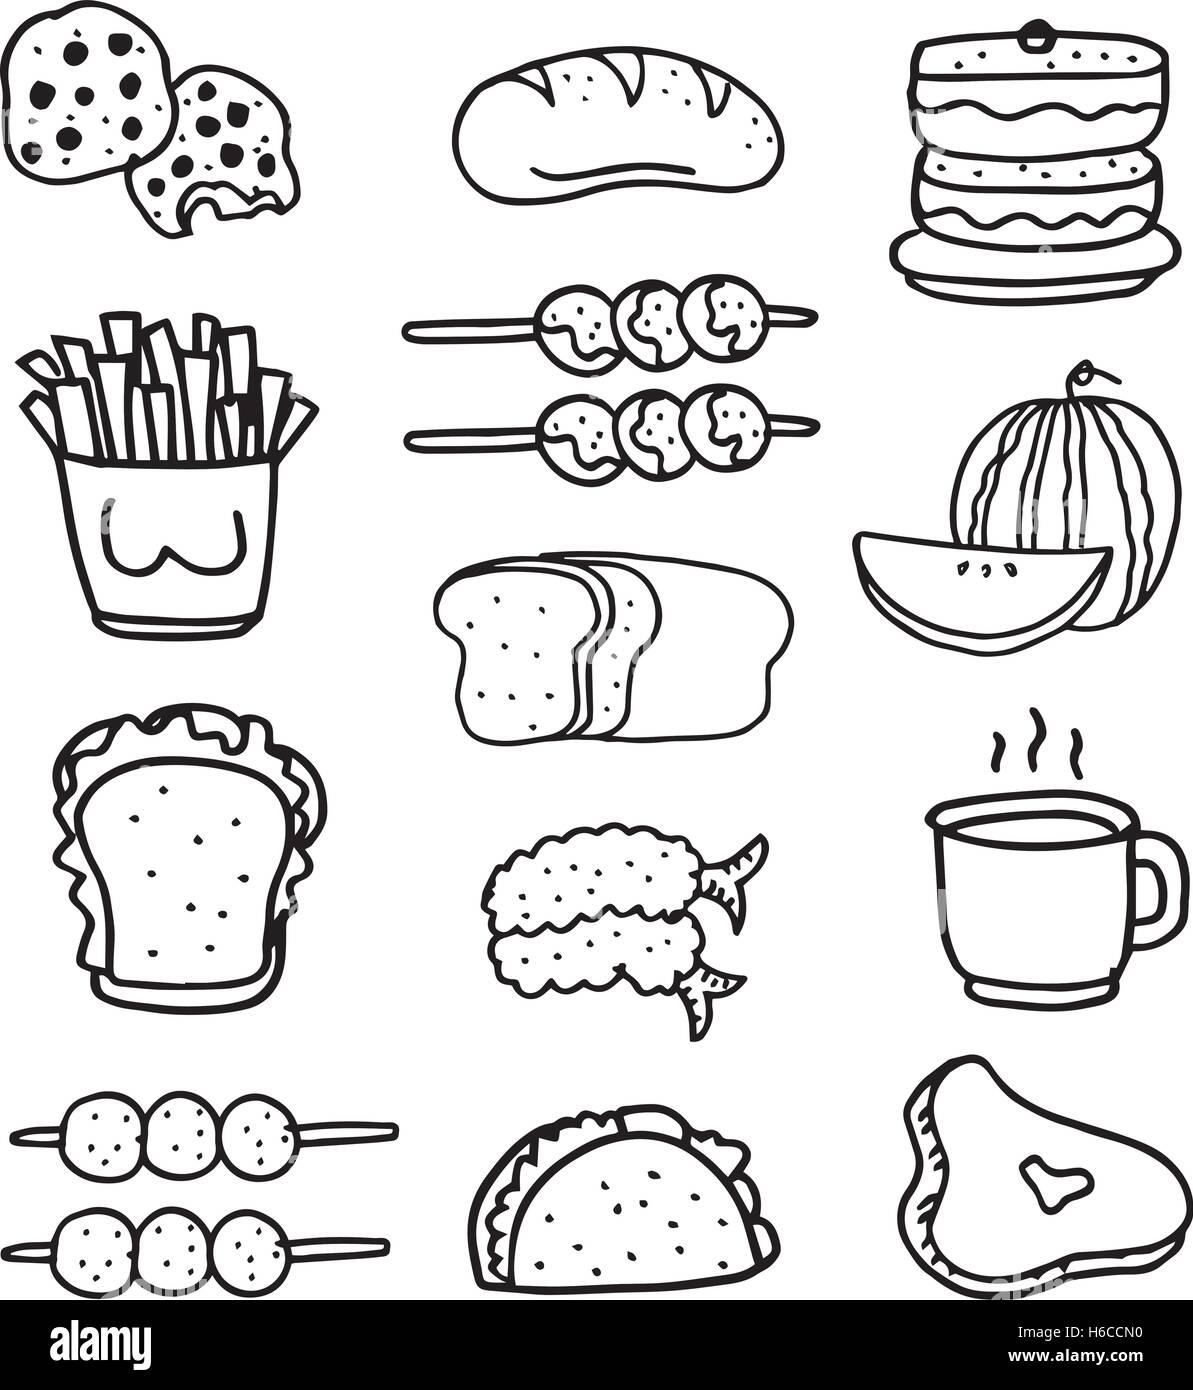 Doodle Of Food Set Hand Draw Vector Art Stock Vector Art